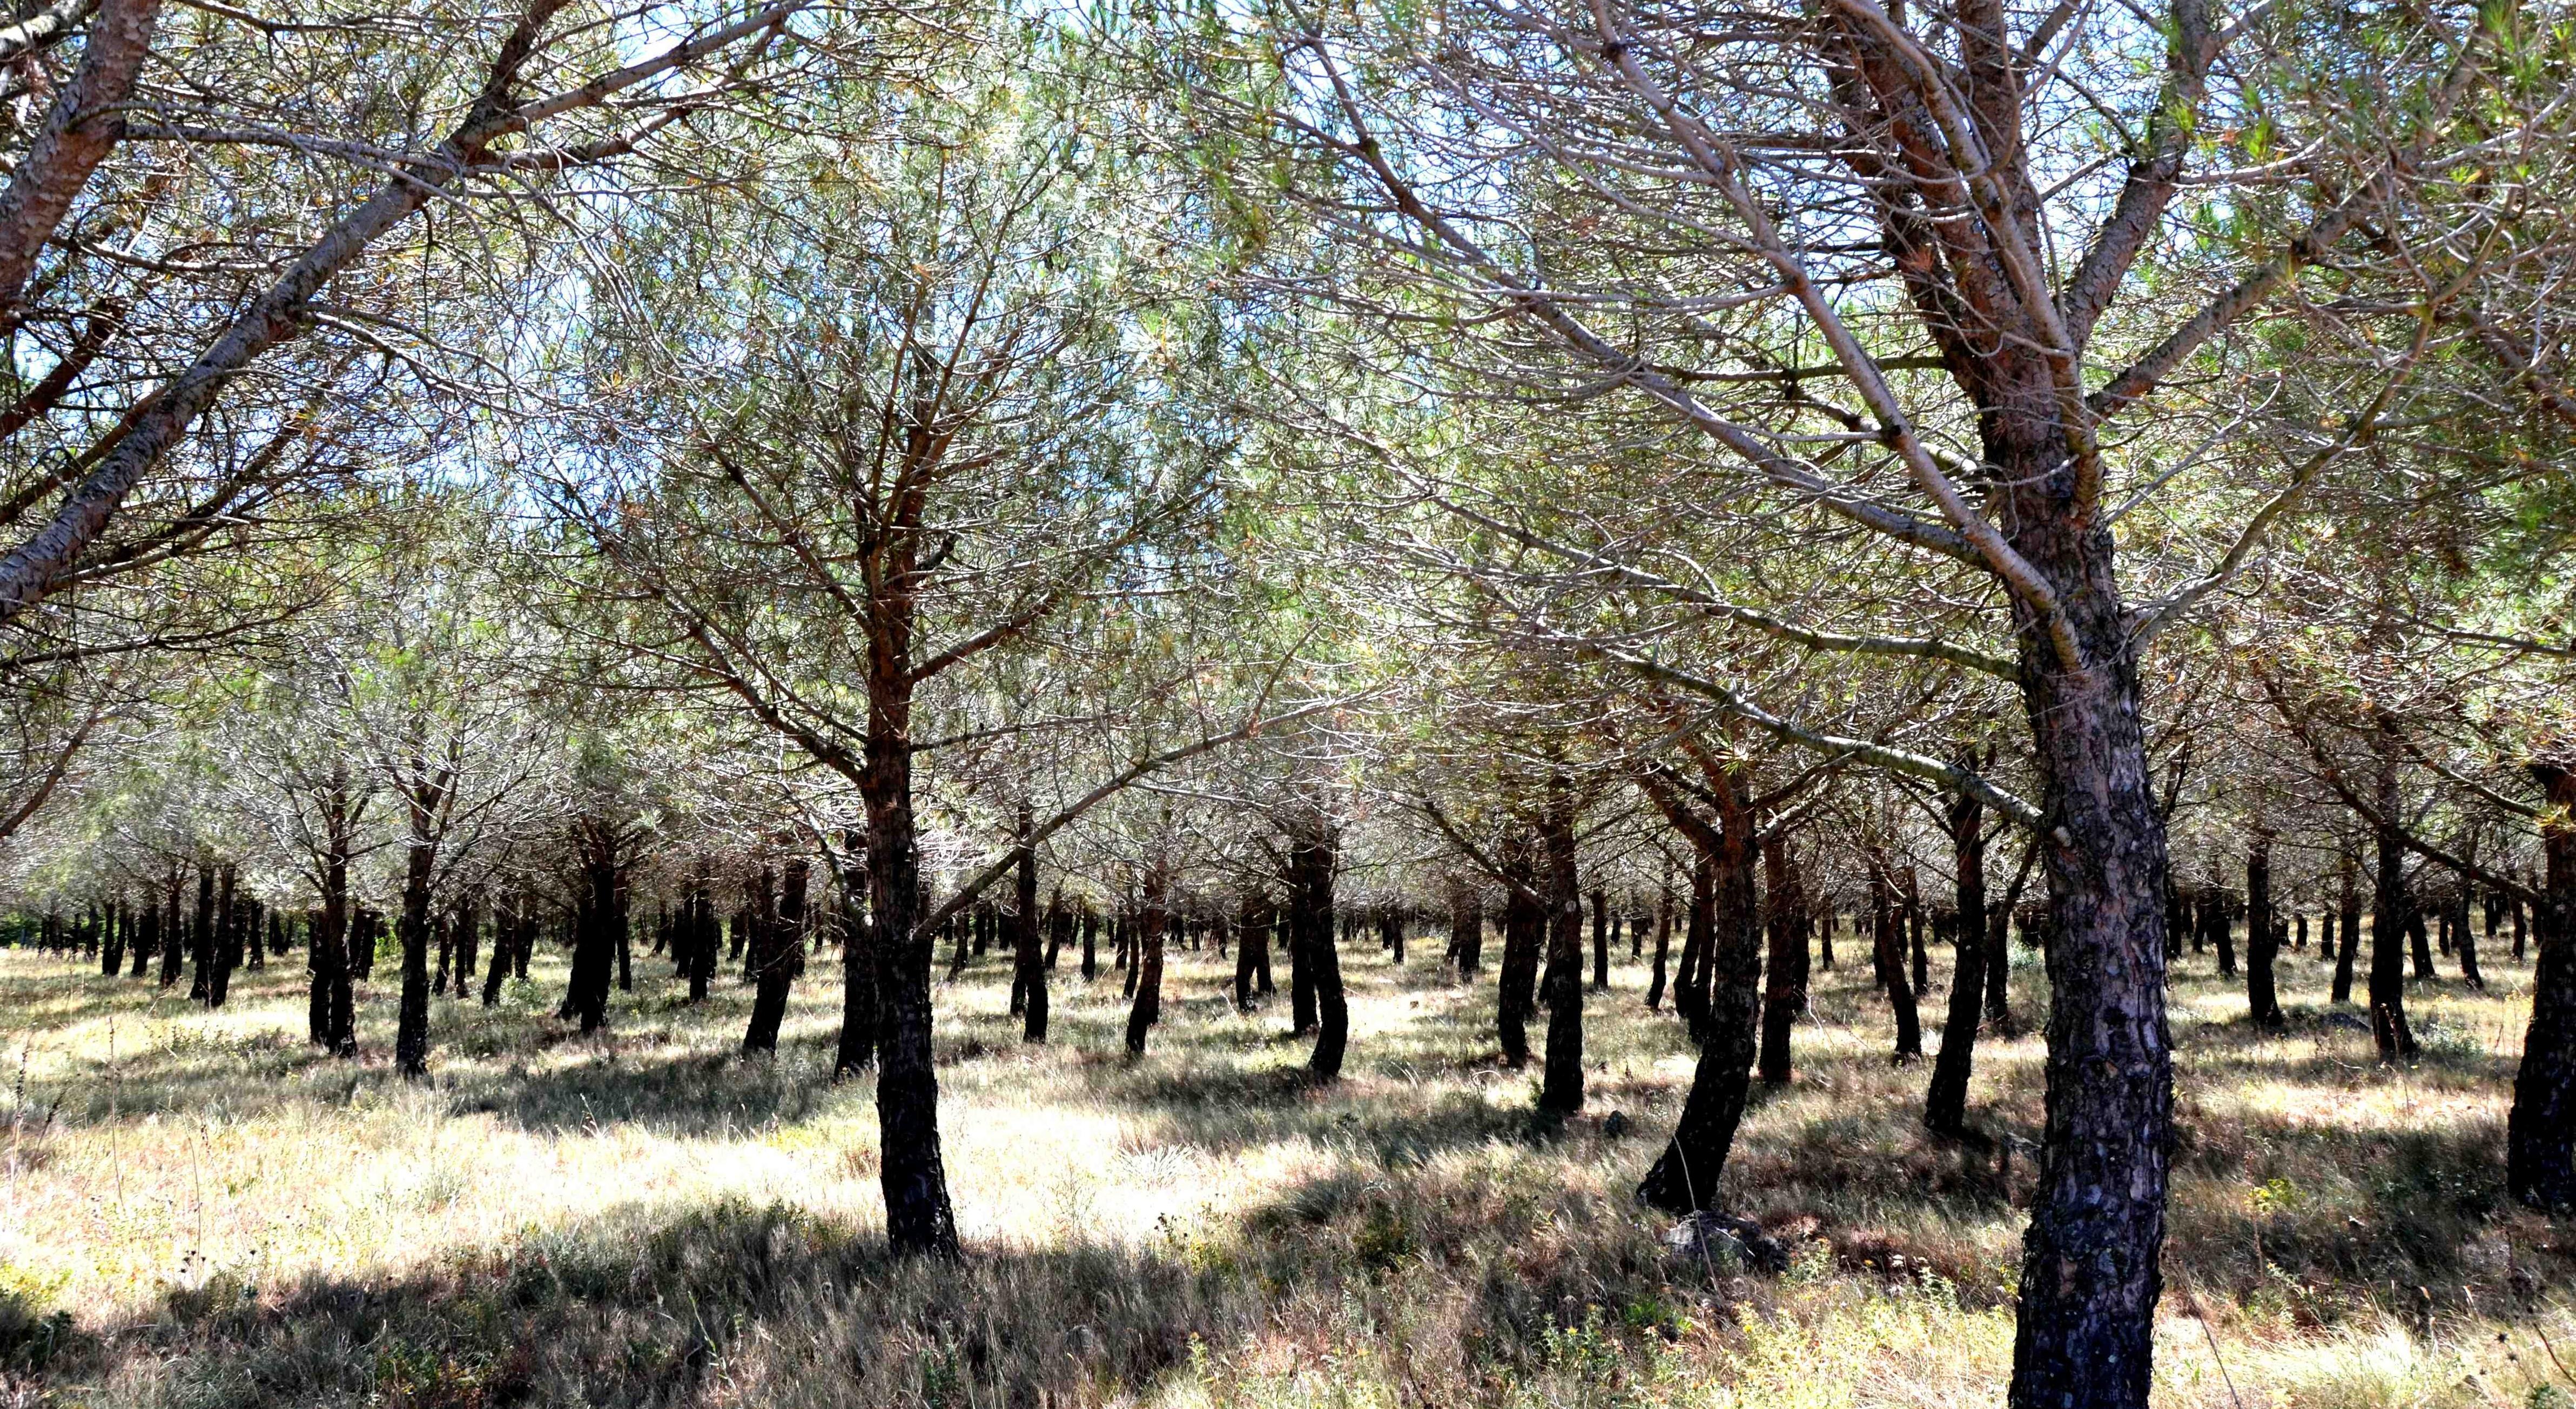 À la découverte du Languedoc - Languedoc - Parfums de garrigue... - 2